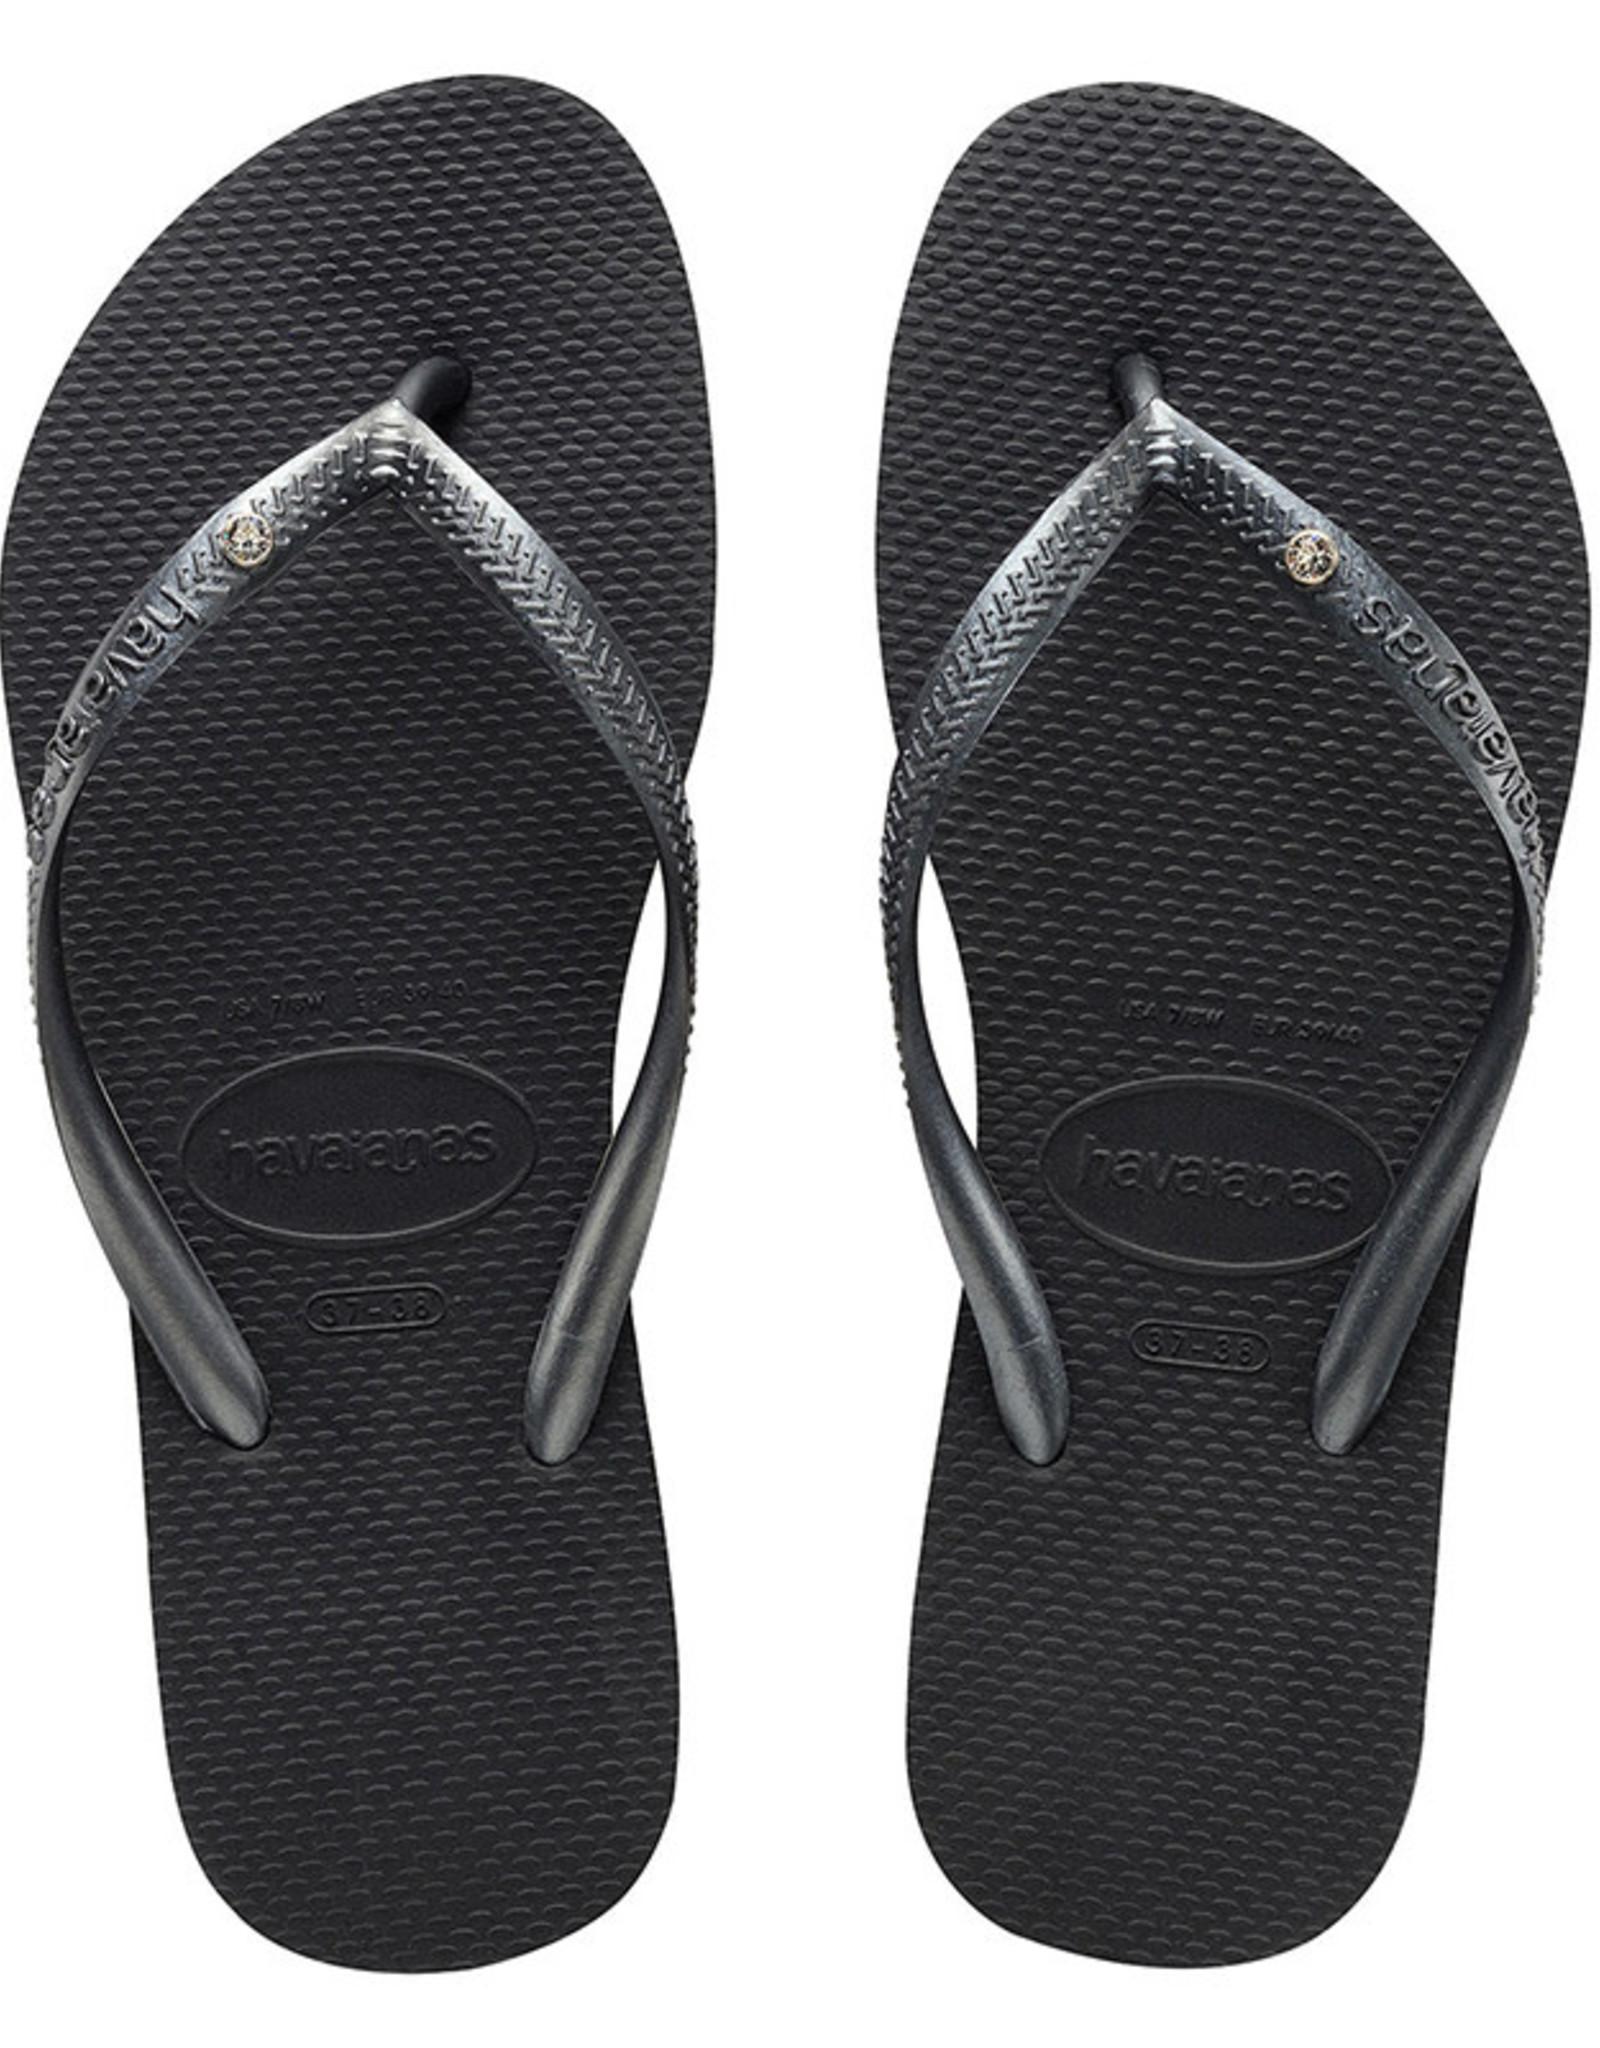 HAVAIANAS Slim Crystal Grey Thongs